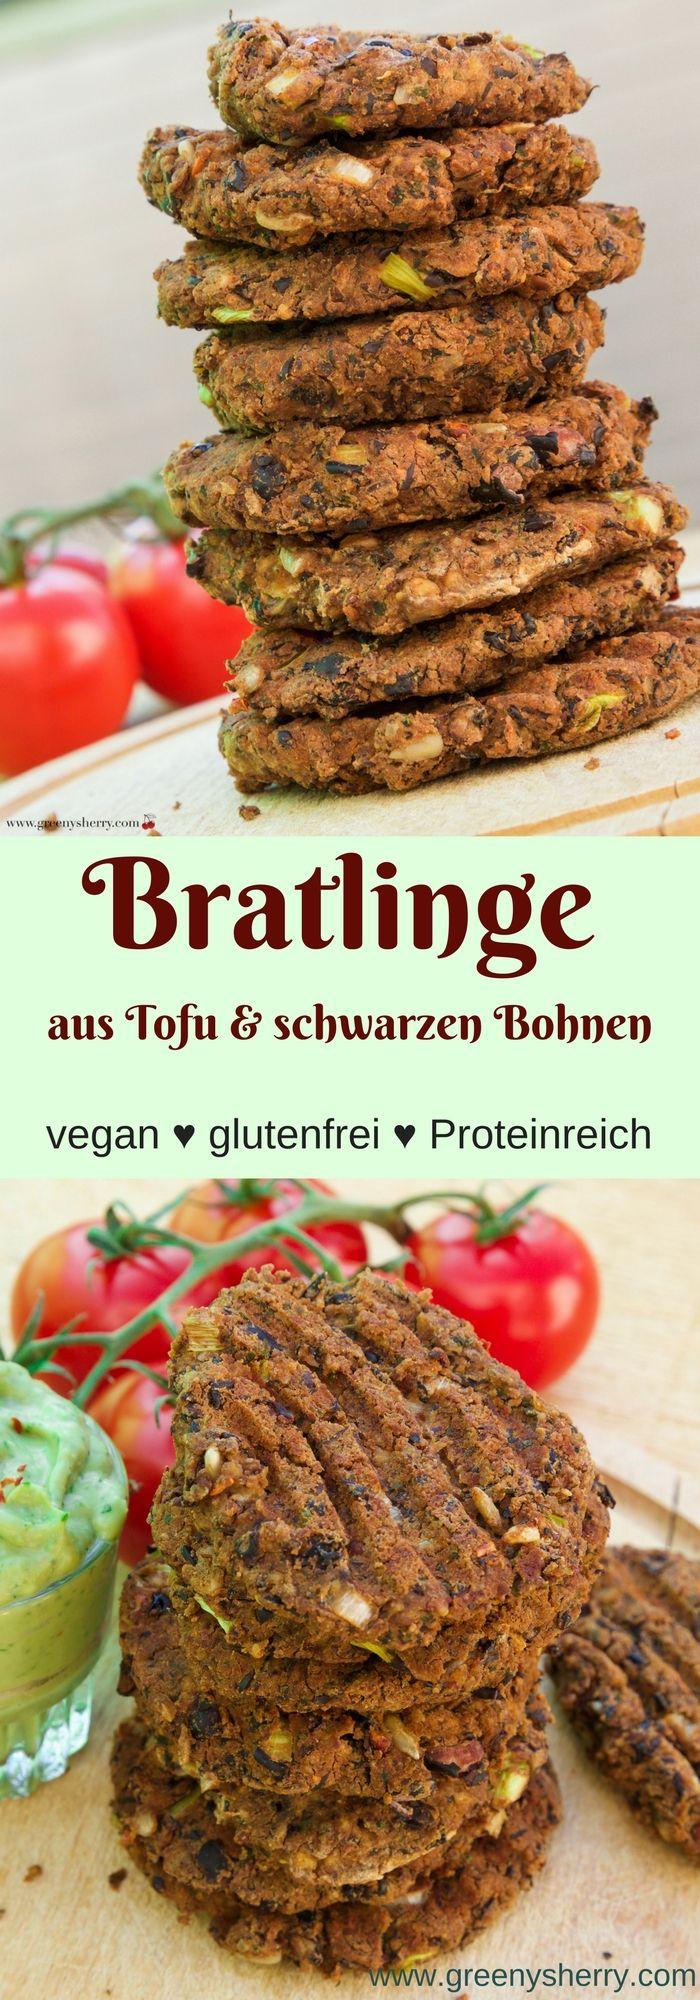 Burger-Bratlinge aus schwarzen Bohnen und Tofu (Vegan& Glutenfrei) www.greenysherry.com